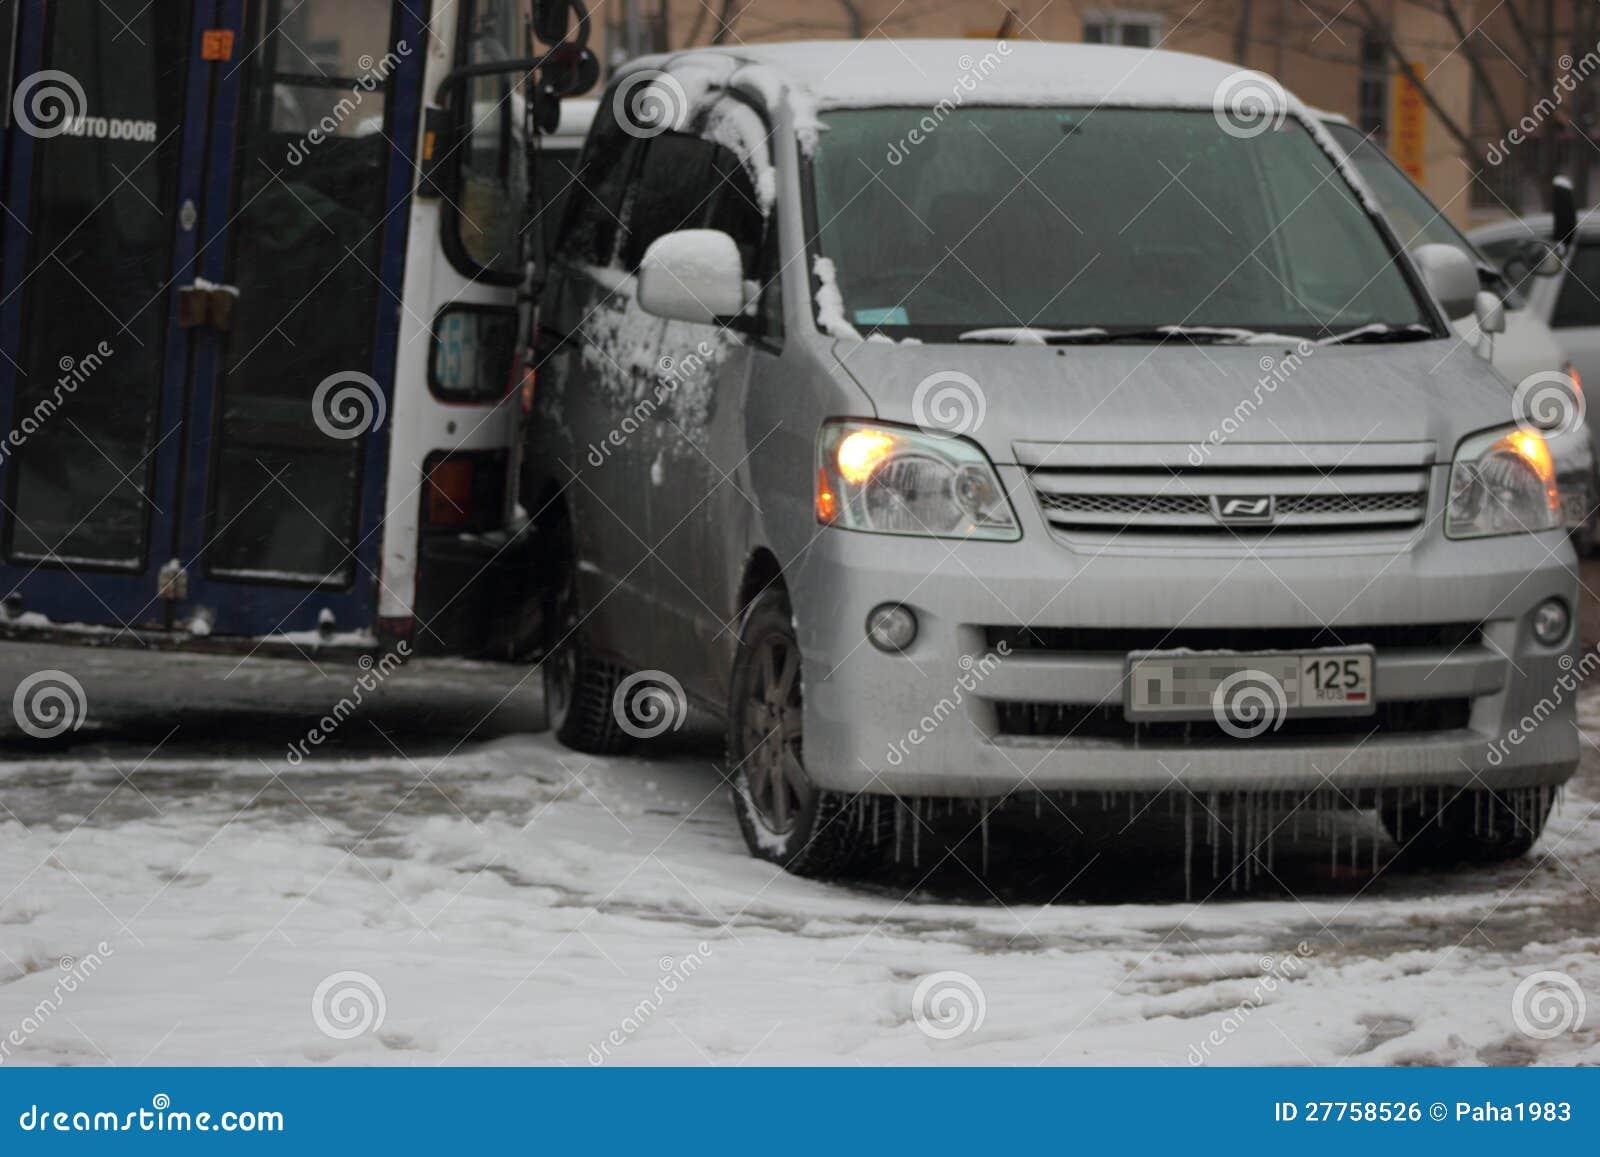 Les premières chutes de neige principales dans Vladivostok.